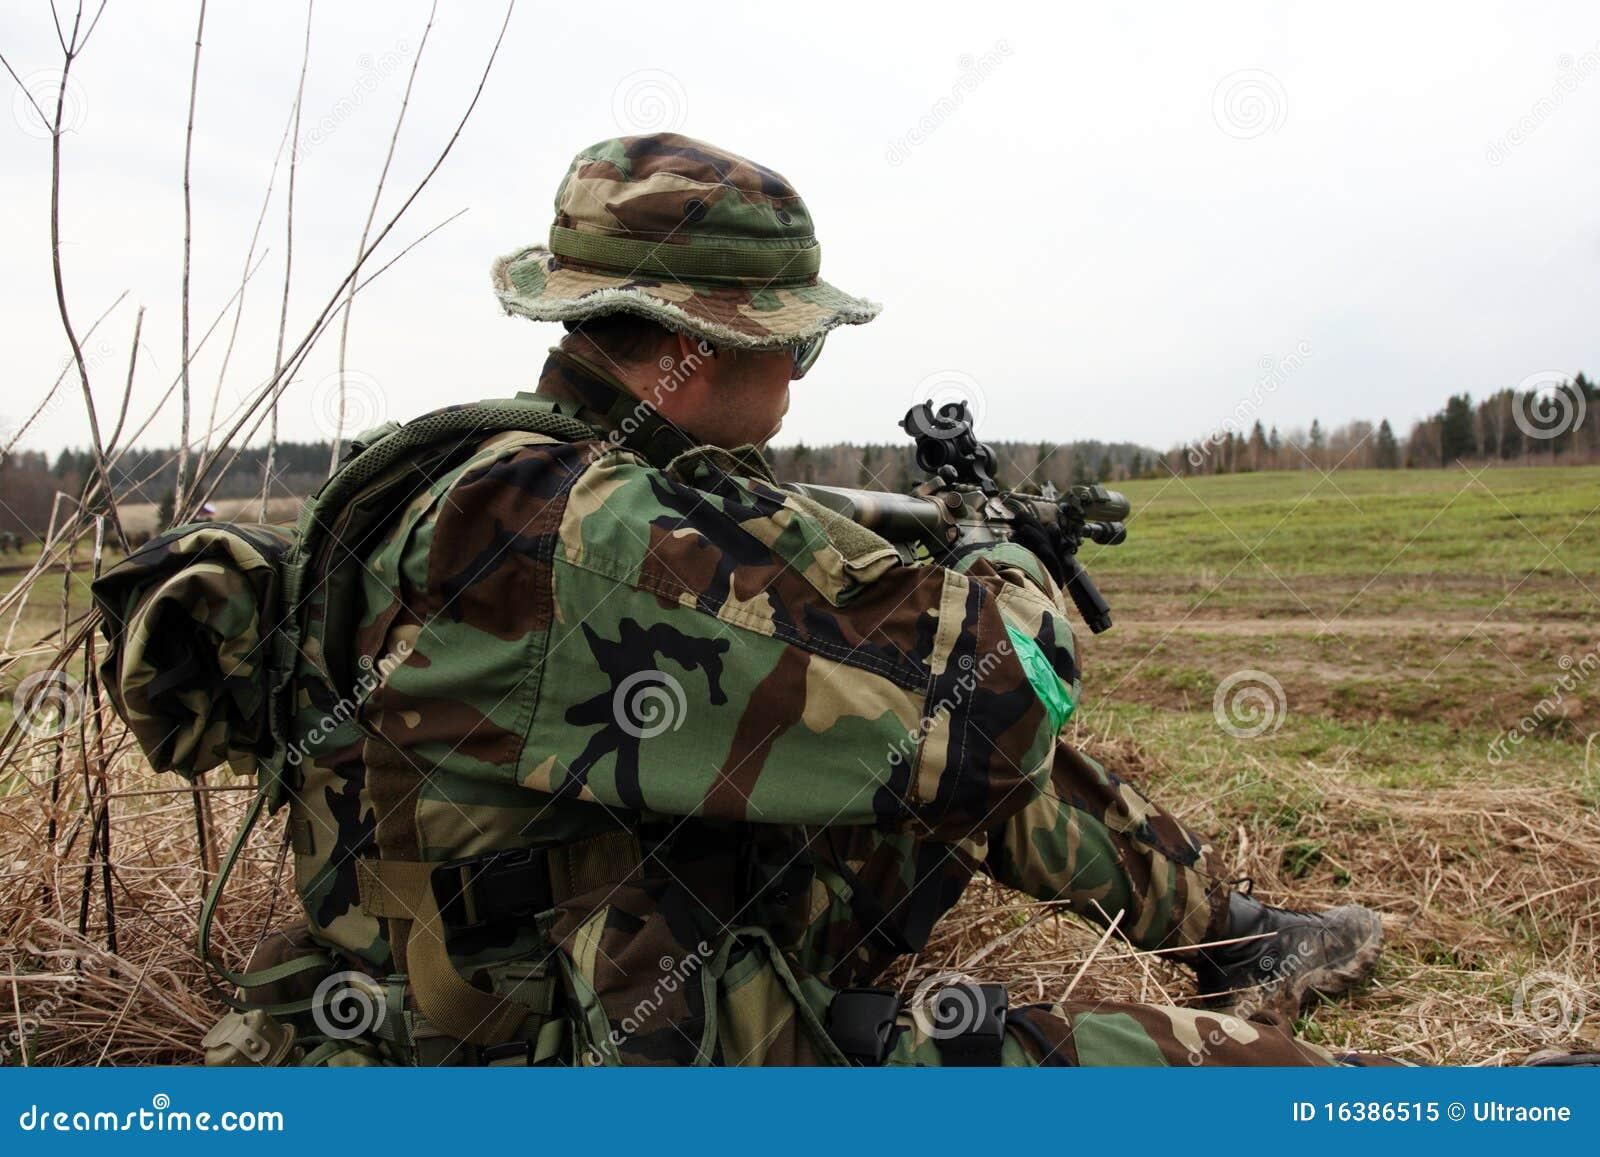 Soldat in der Waldtarnung stockbild. Bild von militärisch - 16386515